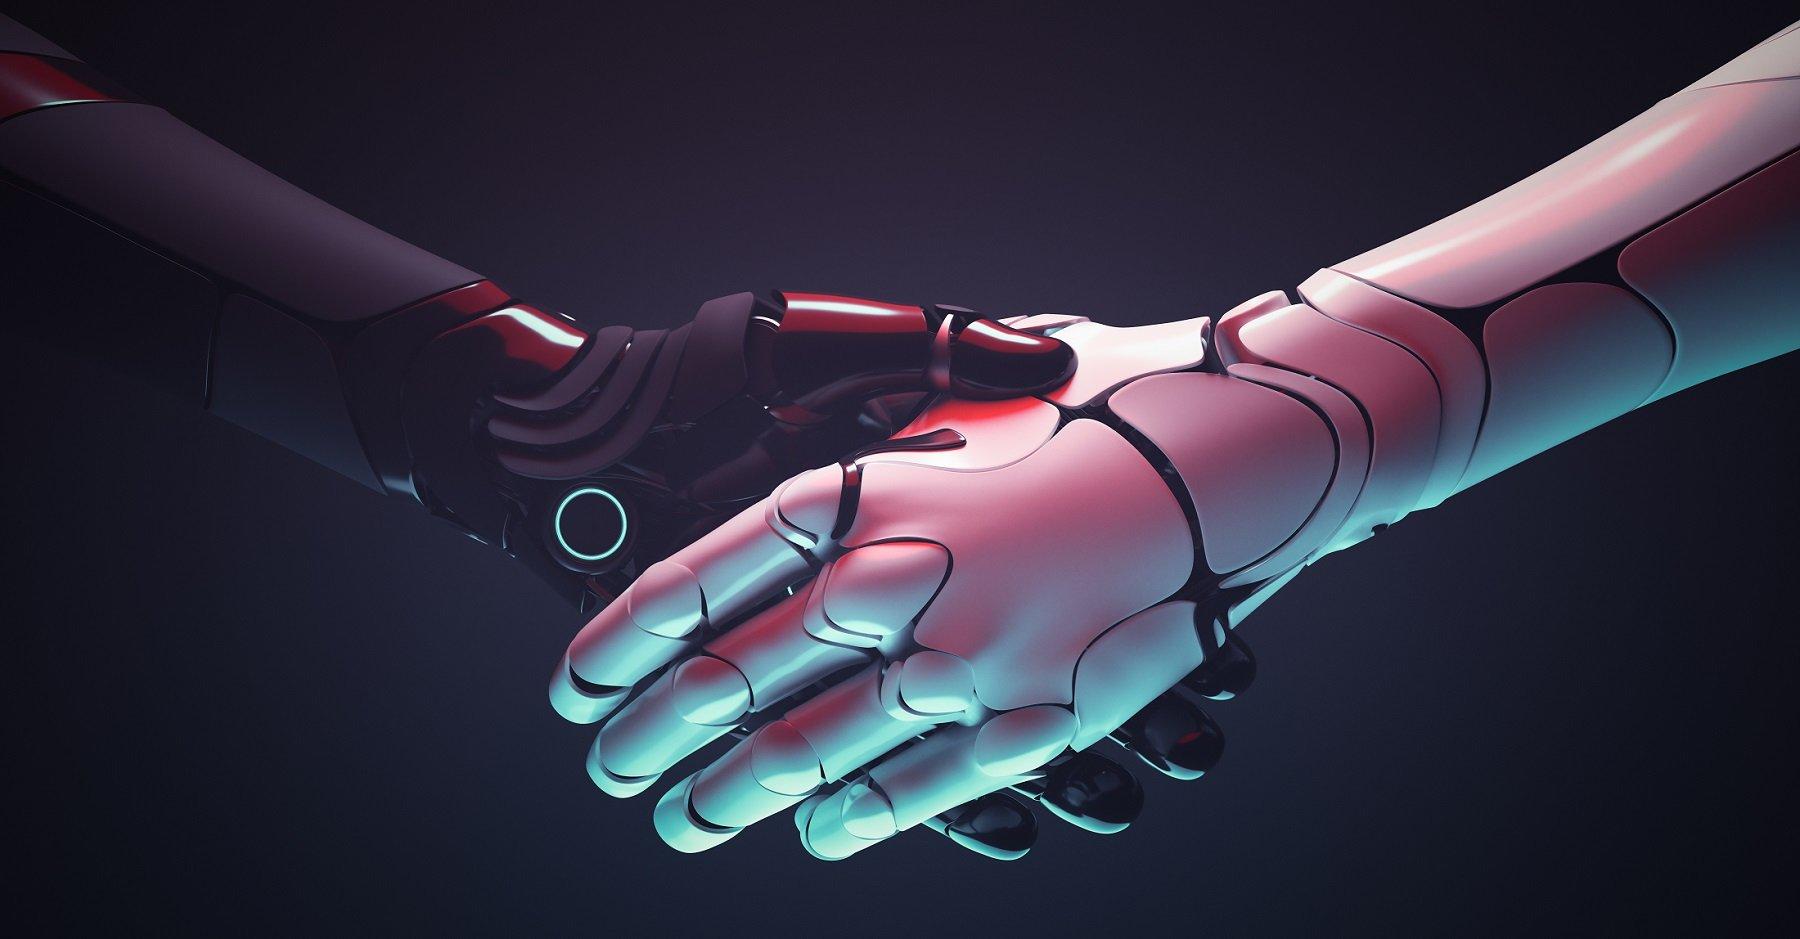 robots-handshake-robotic-hands-gesture-TBVBUVW